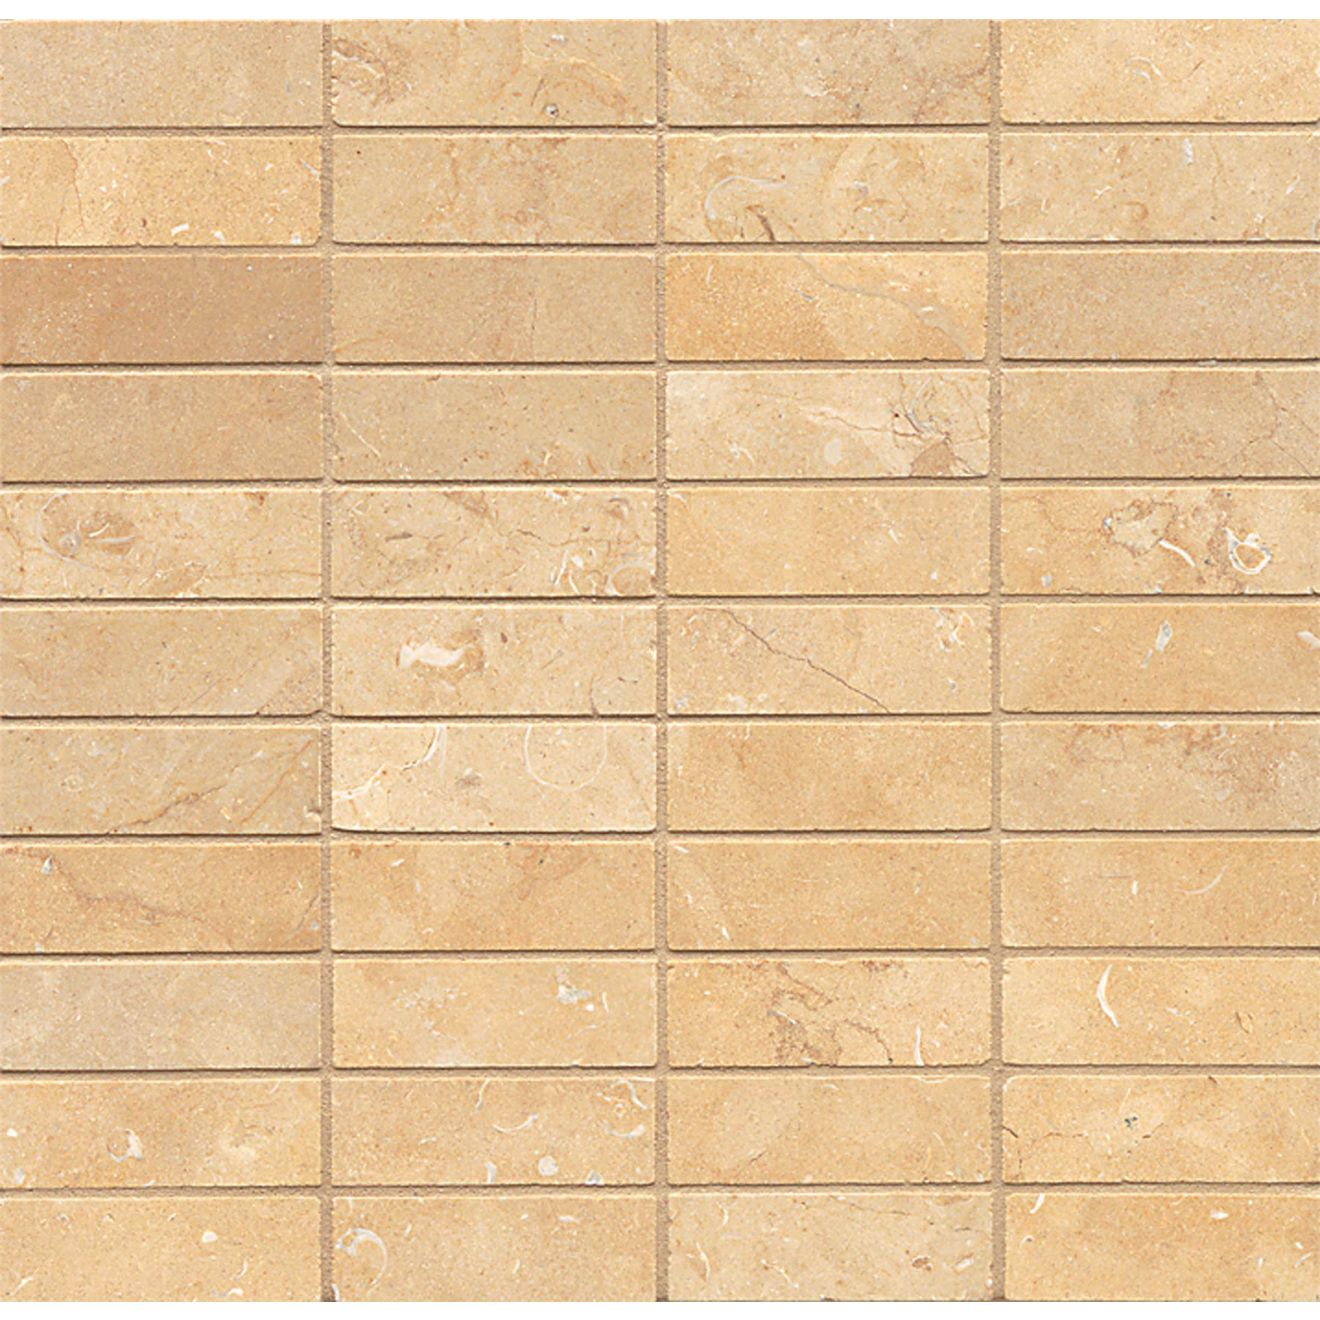 1X3 Mod Rocks Blocks-Brioche